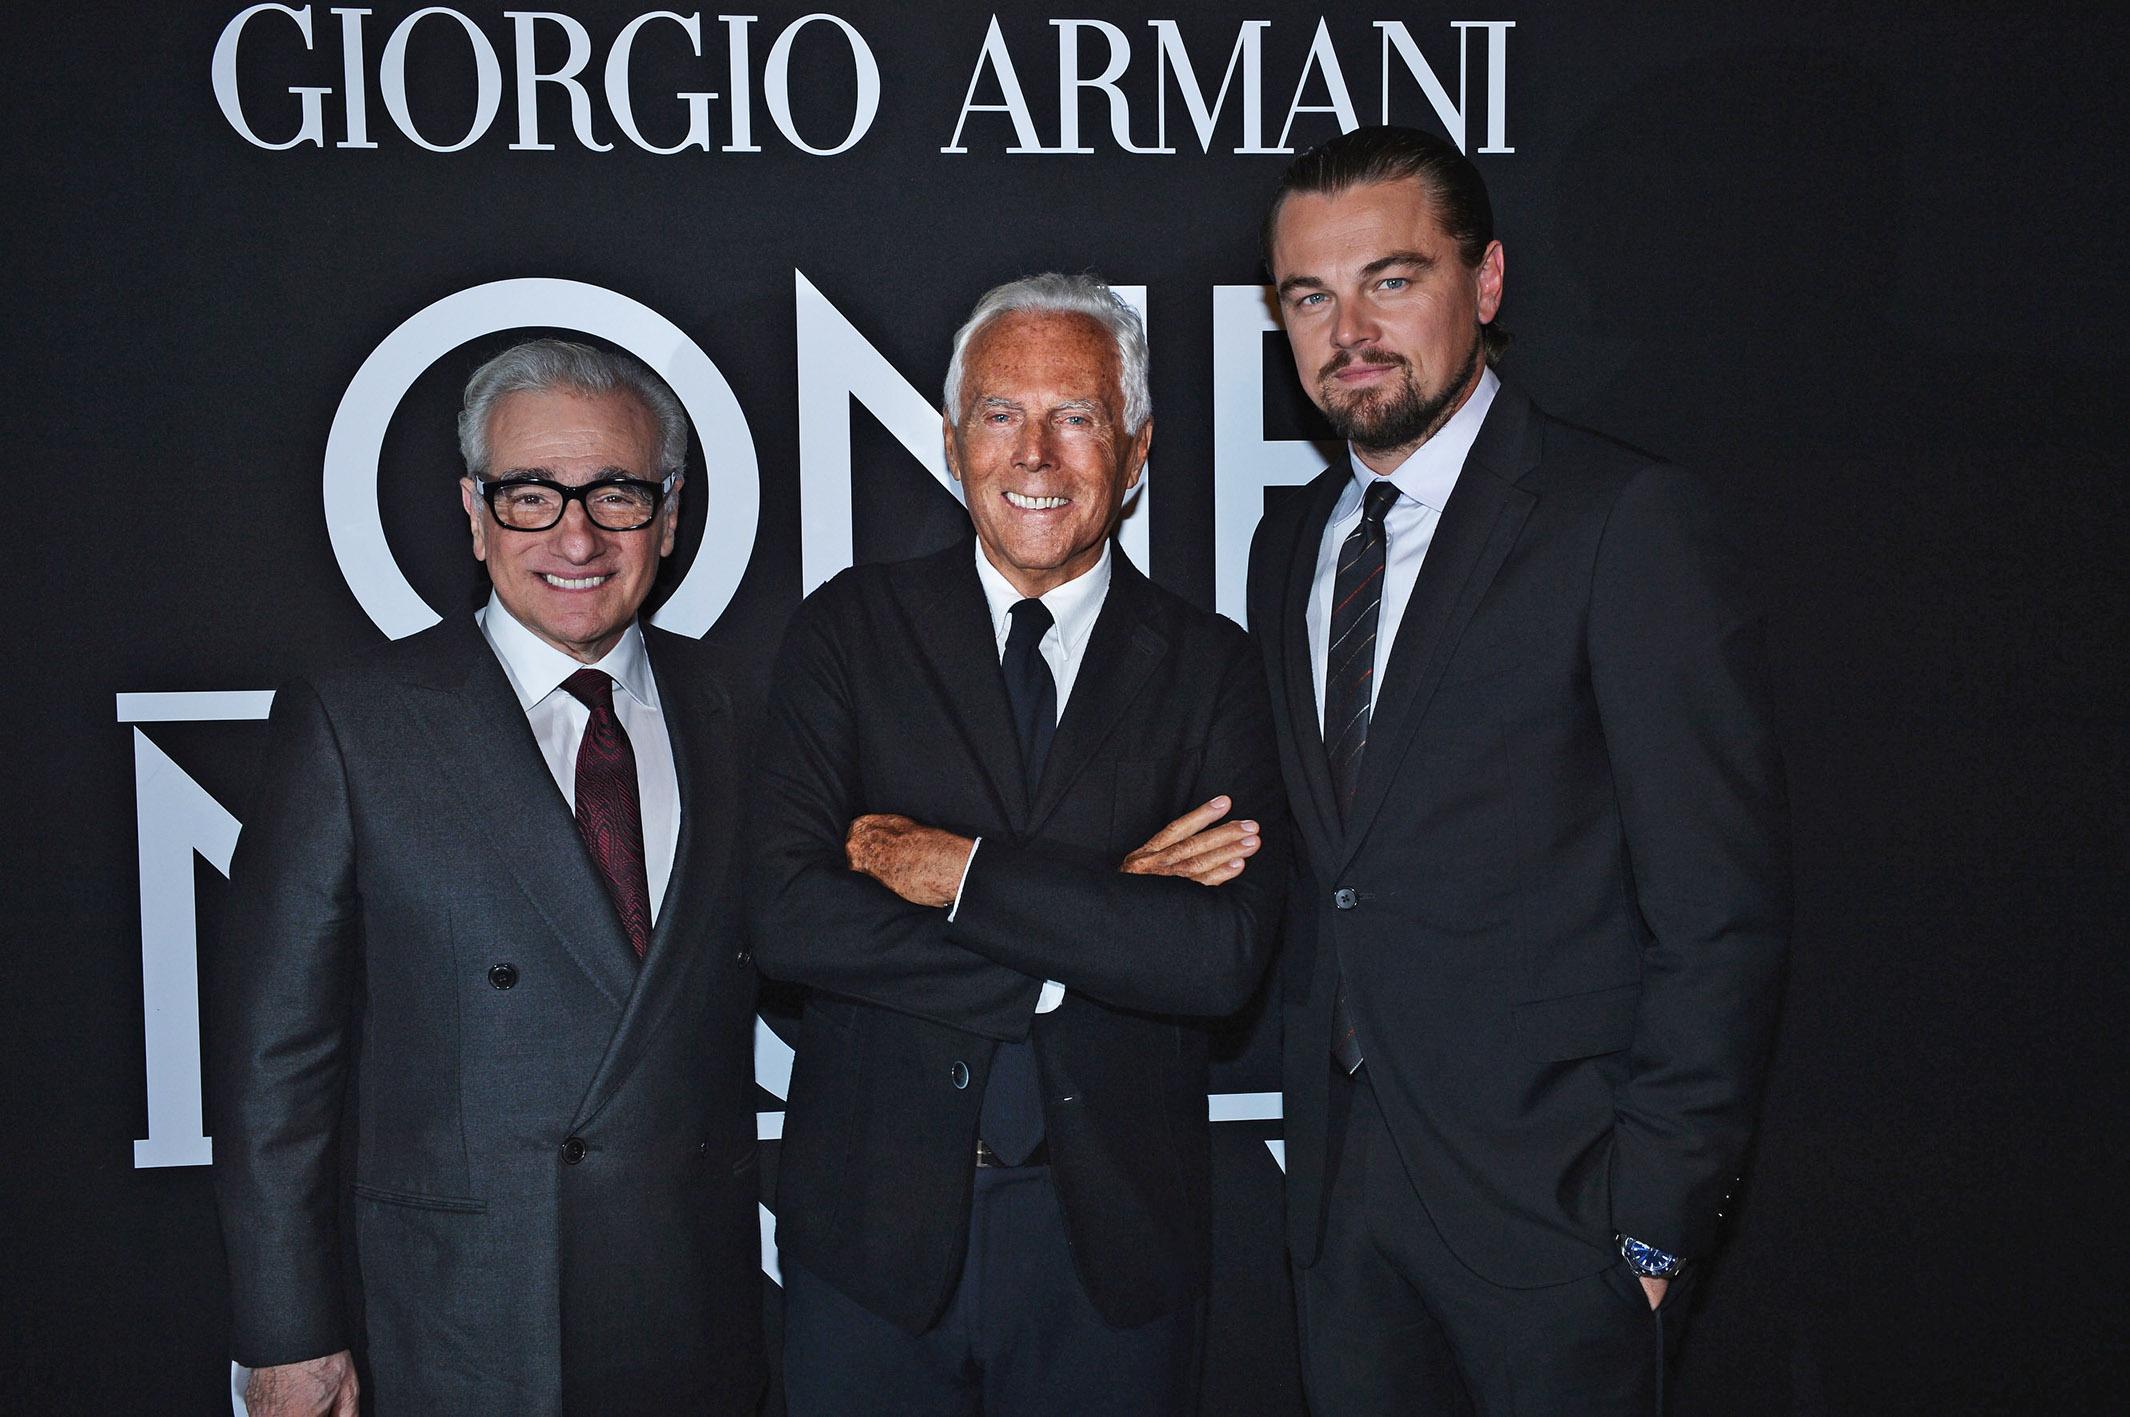 Una notte a New York con Giorgio Armani (FOTO)